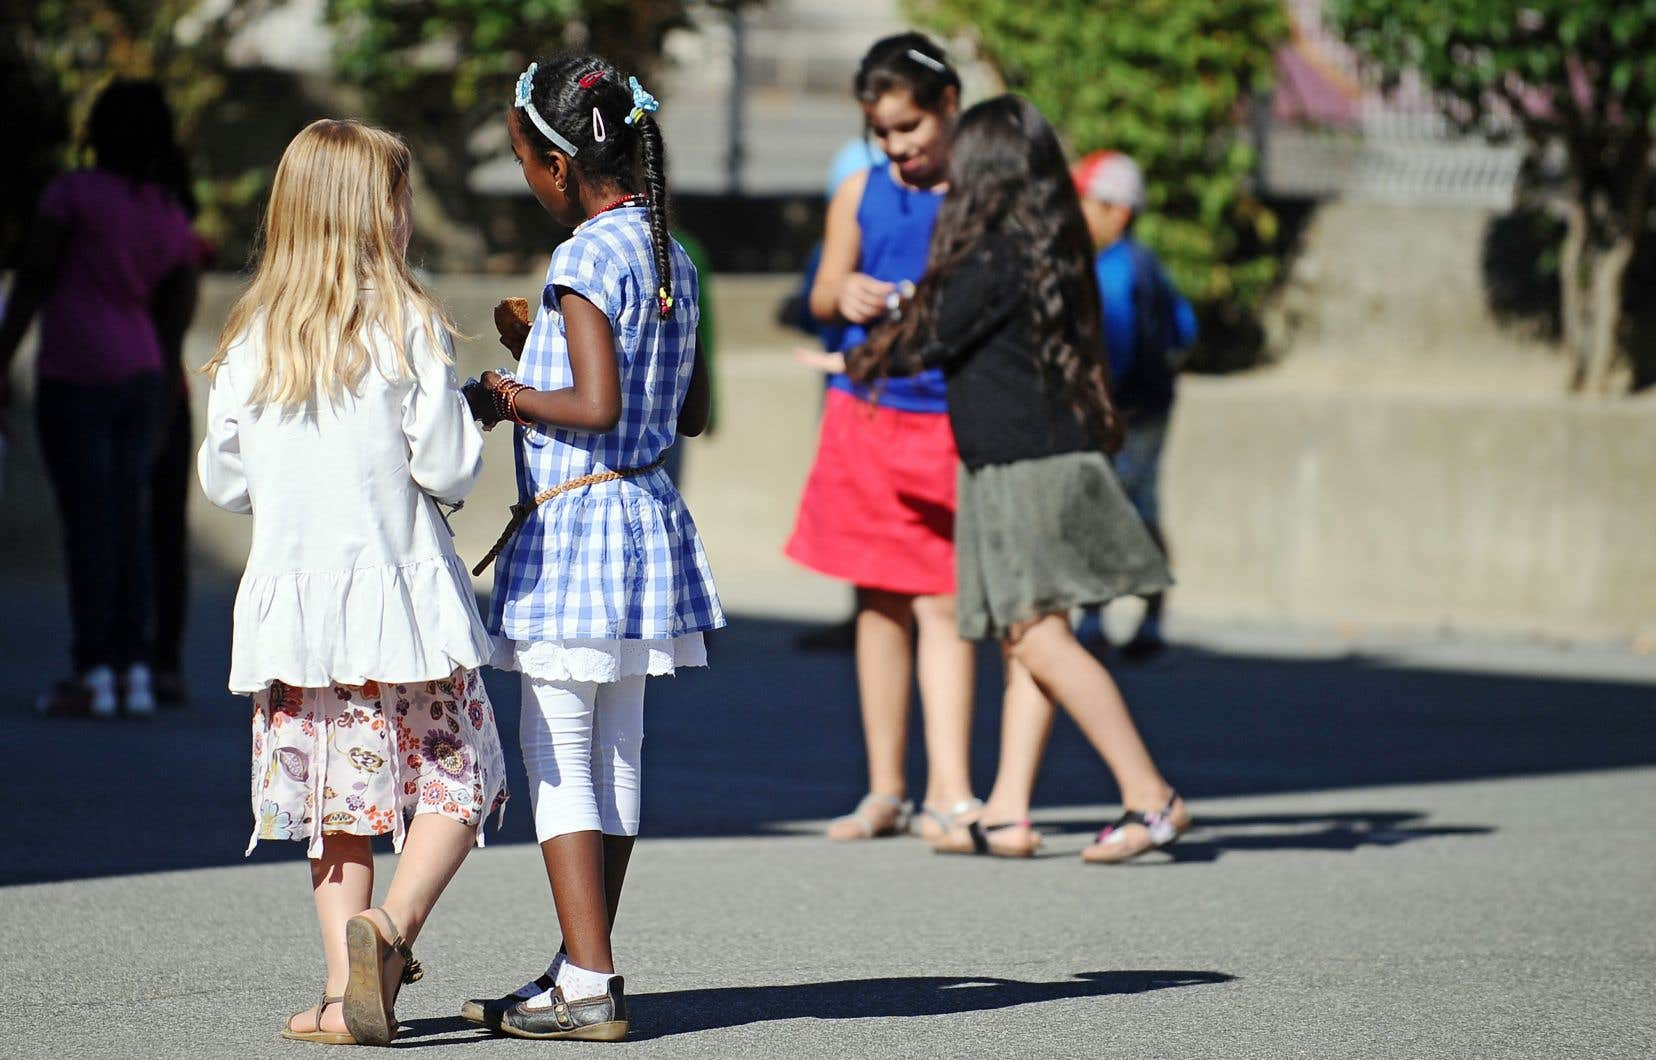 Selon la philosophe Catherine Kintzler, l'école est consubstantielle à la laïcité. Car l'école est un lieu où chacun est appelé à construire sa propre autorité.